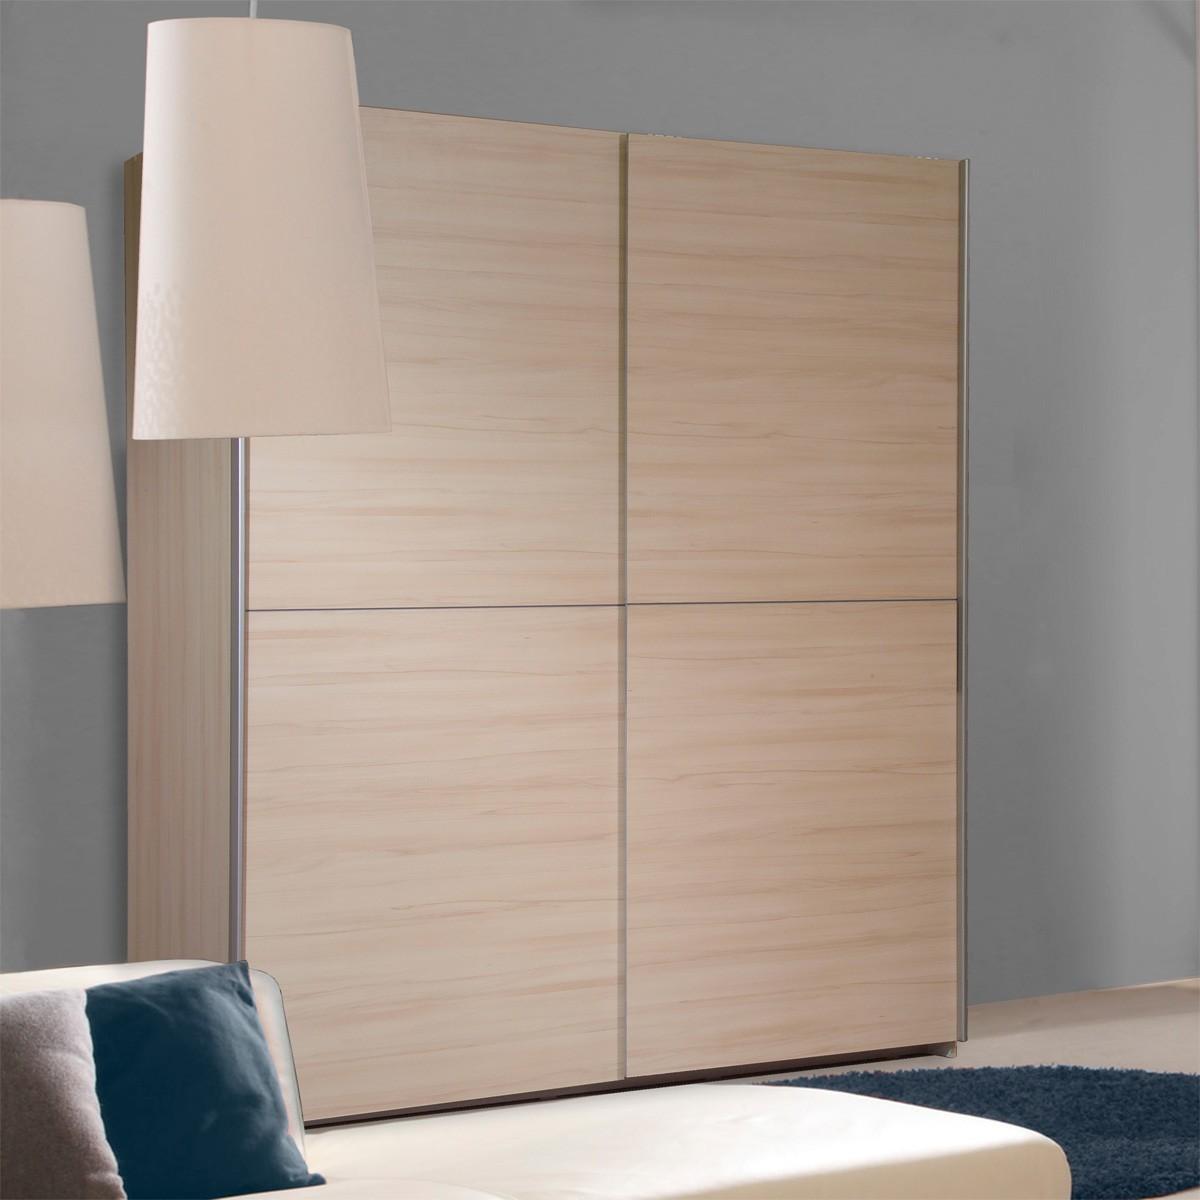 kleiderschrank schiebet ren buche. Black Bedroom Furniture Sets. Home Design Ideas